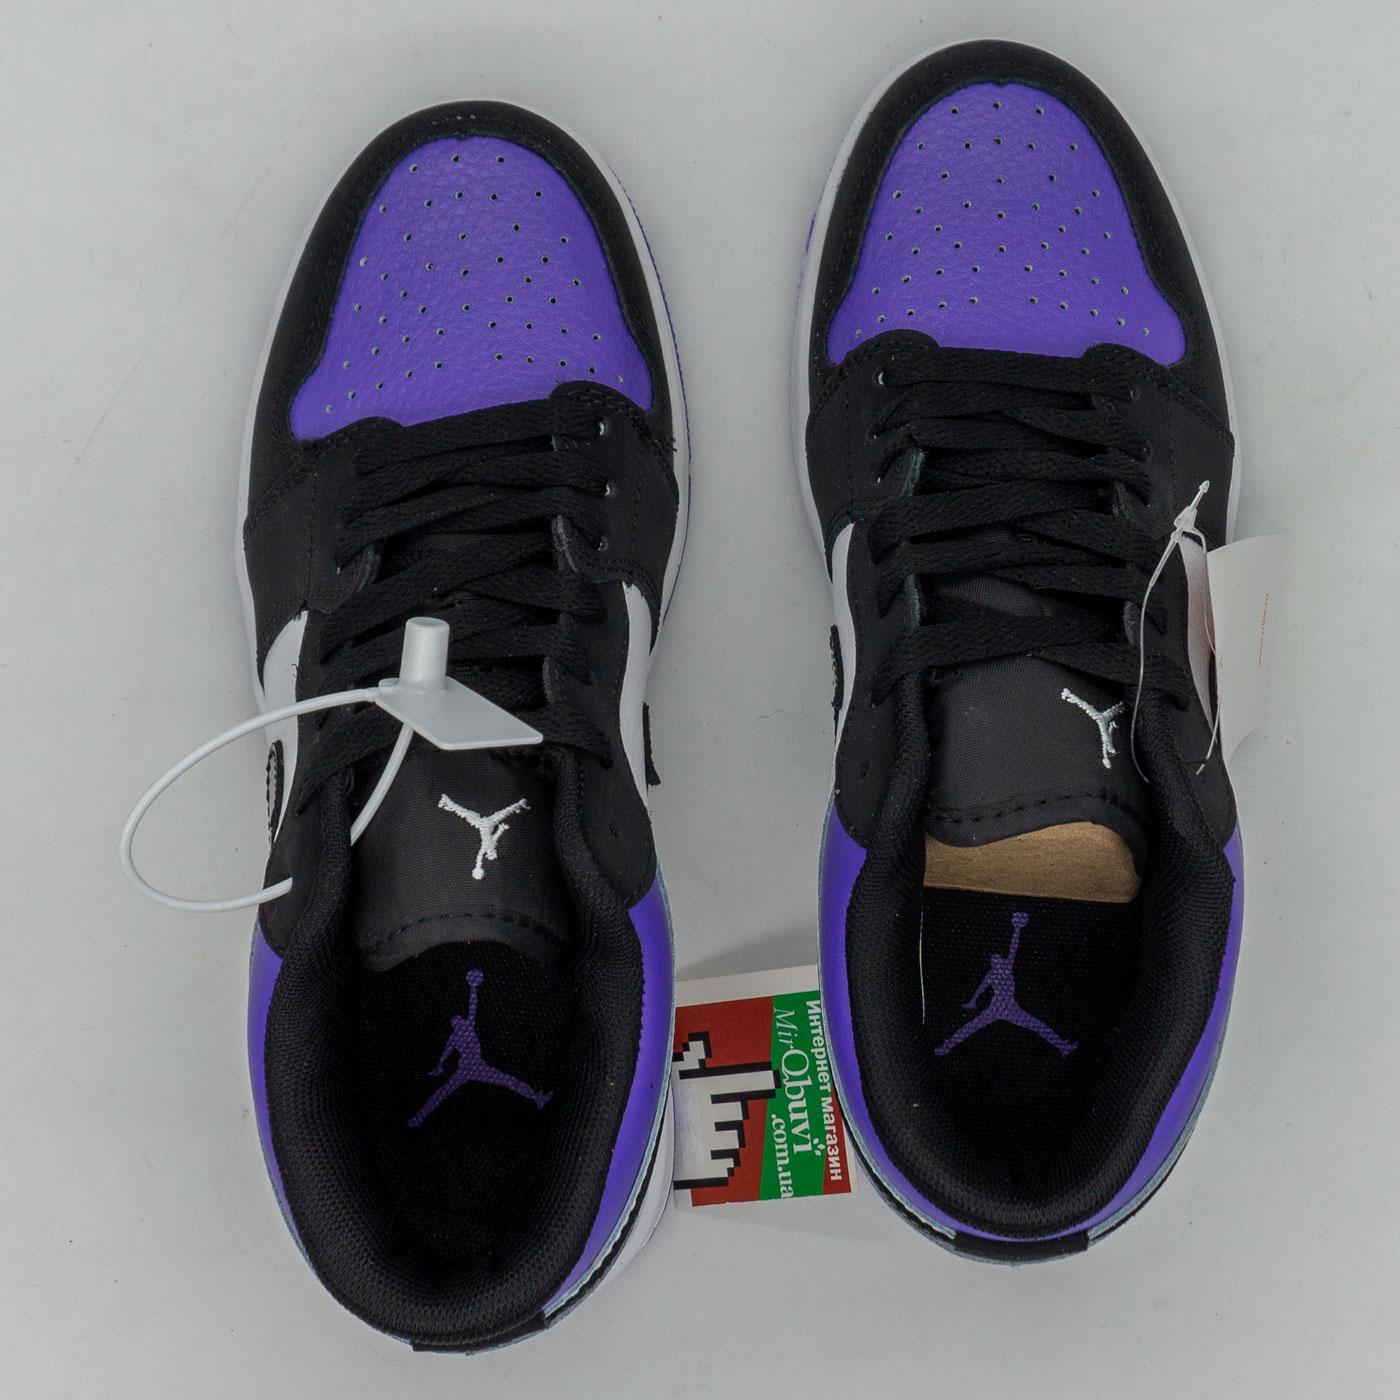 фото front Низкие черные c фиолетовым кроссовки Nke Air Jordan 1 front